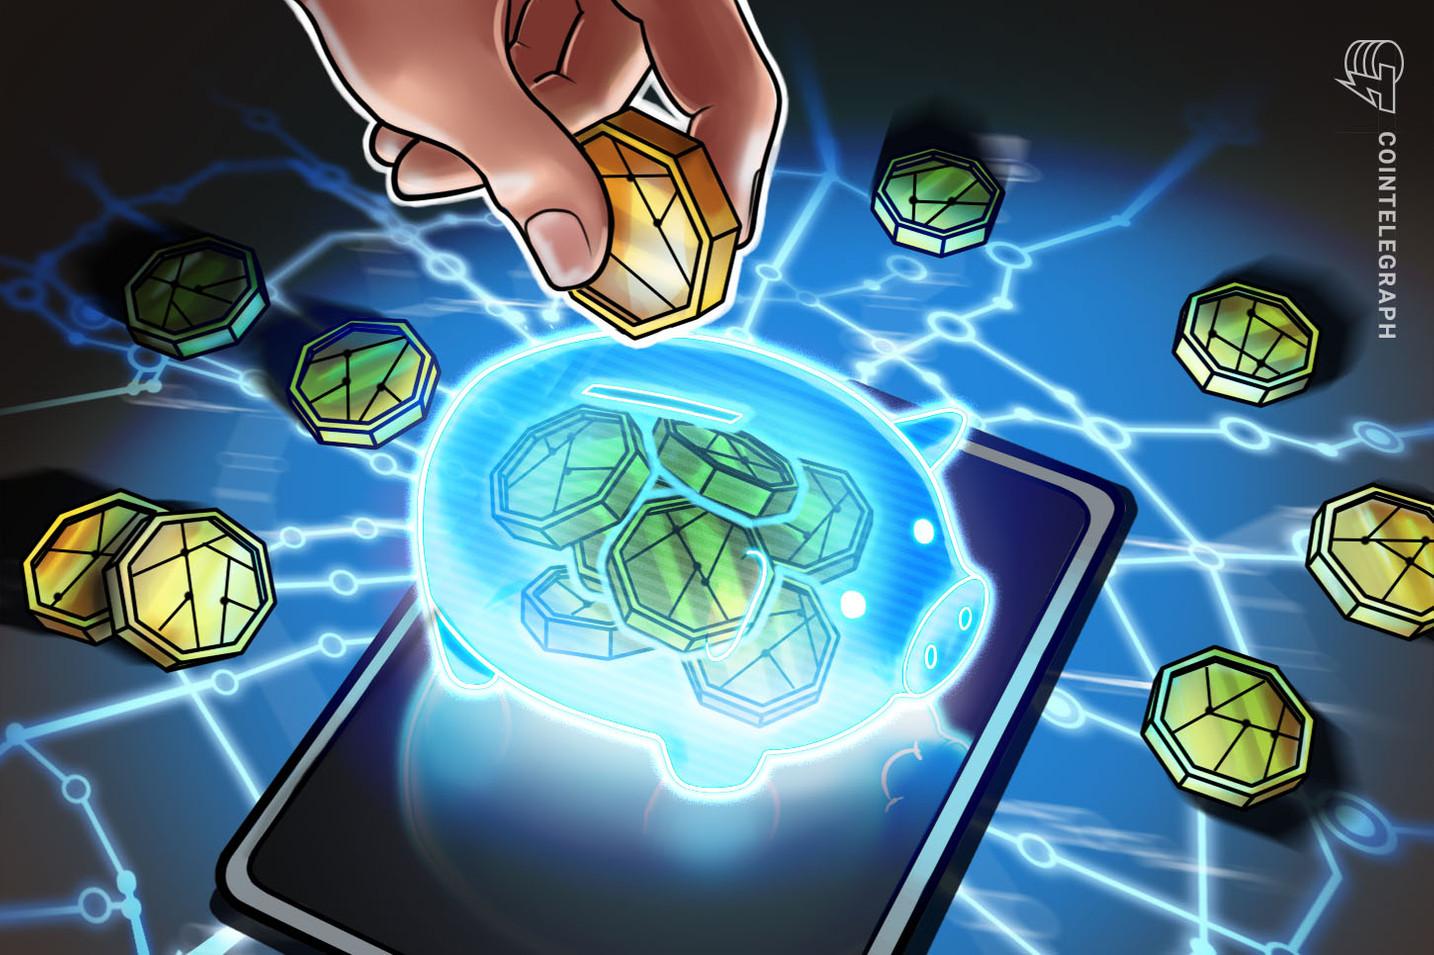 eToro bringt Krypto-Wallet für Bitcoin und drei weitere Altcoins heraus